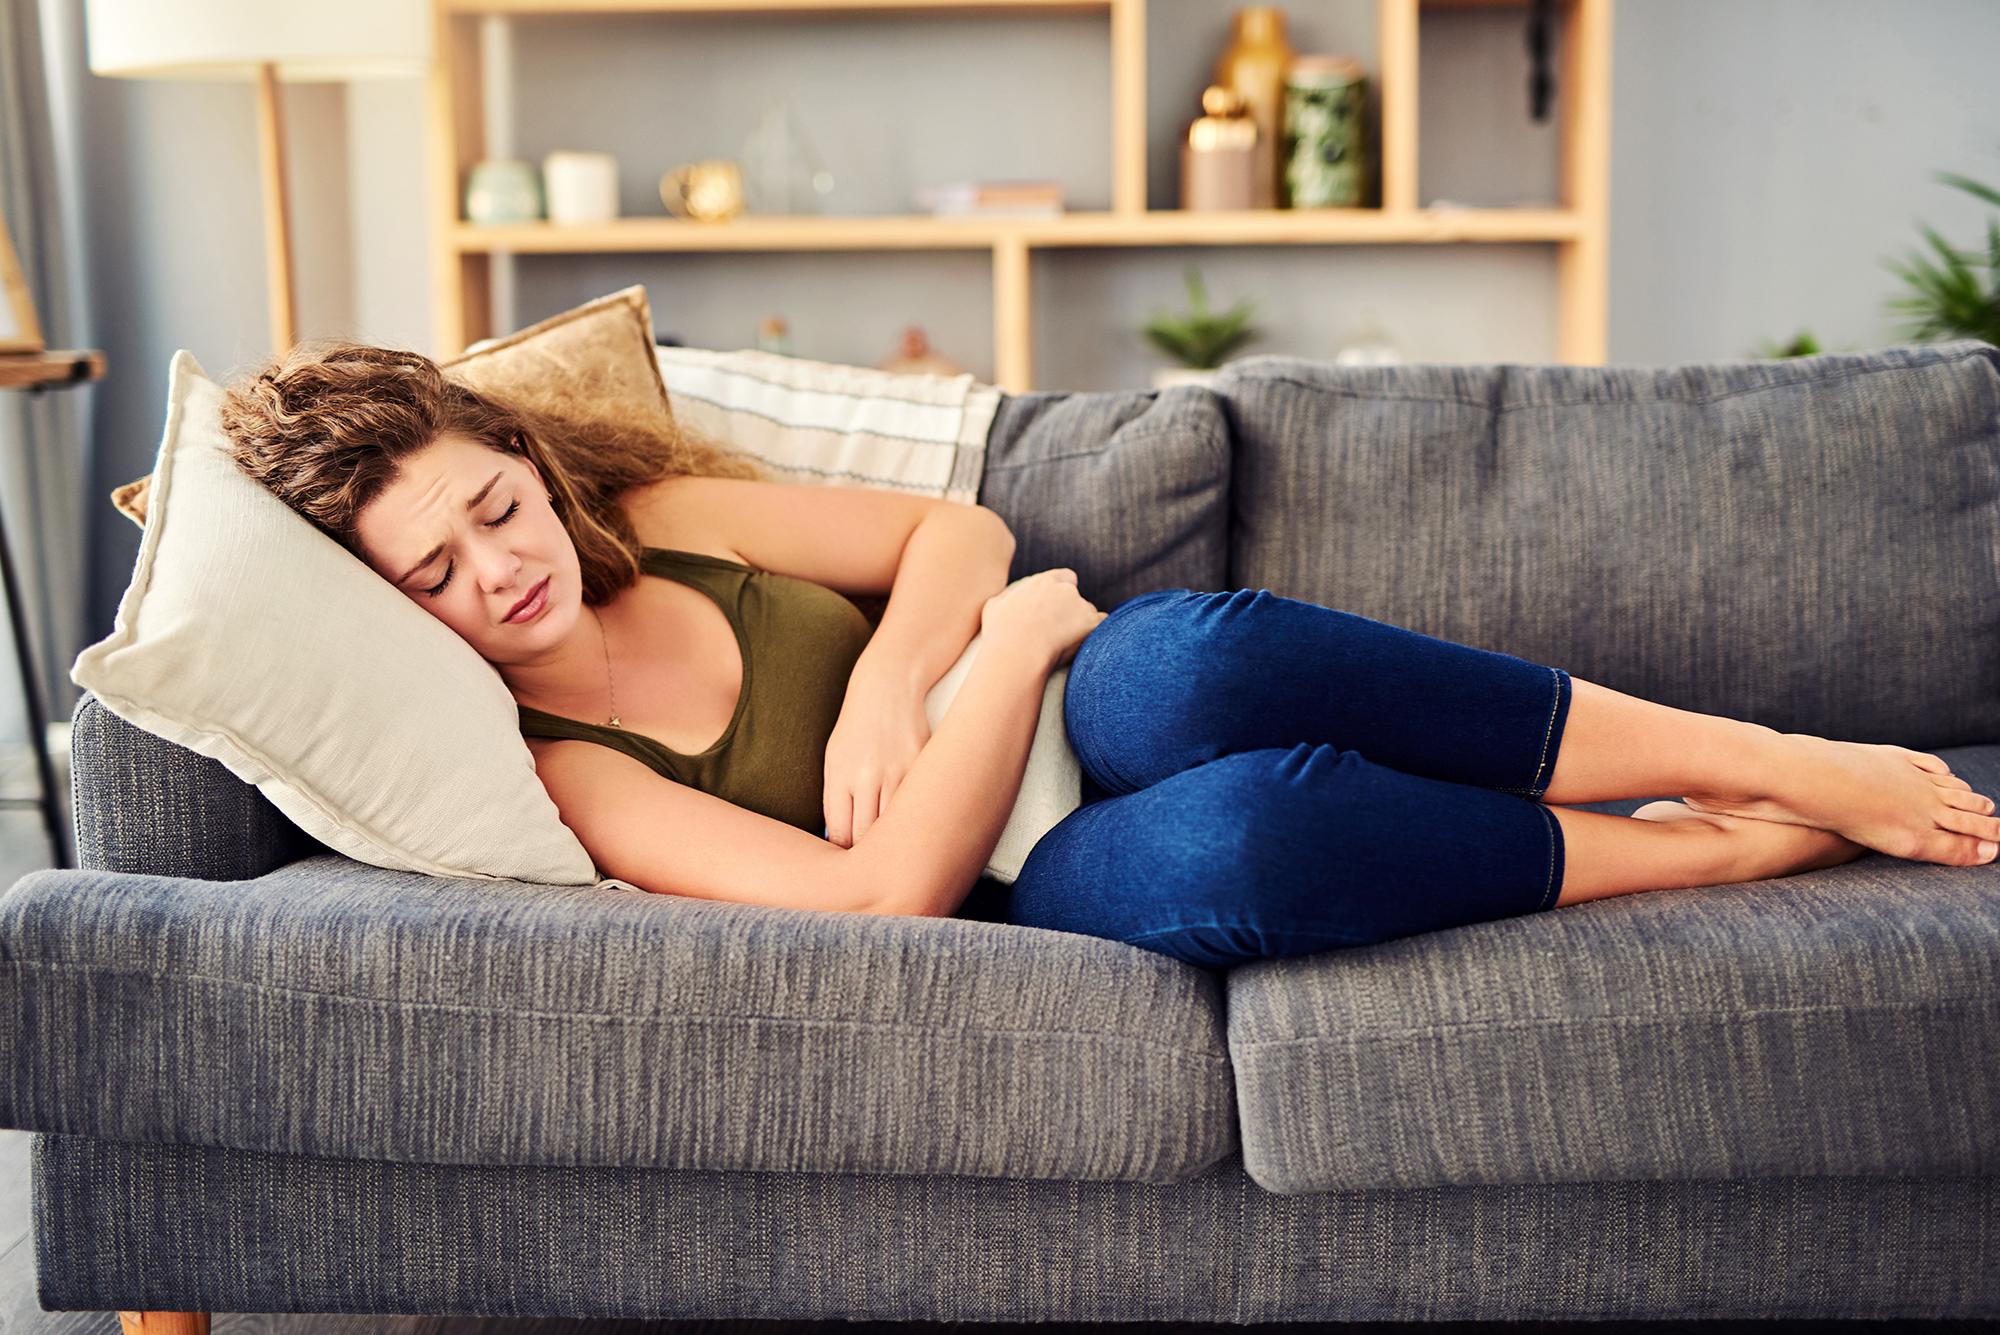 Symptome einer unkomplizierten Blasenentzündung